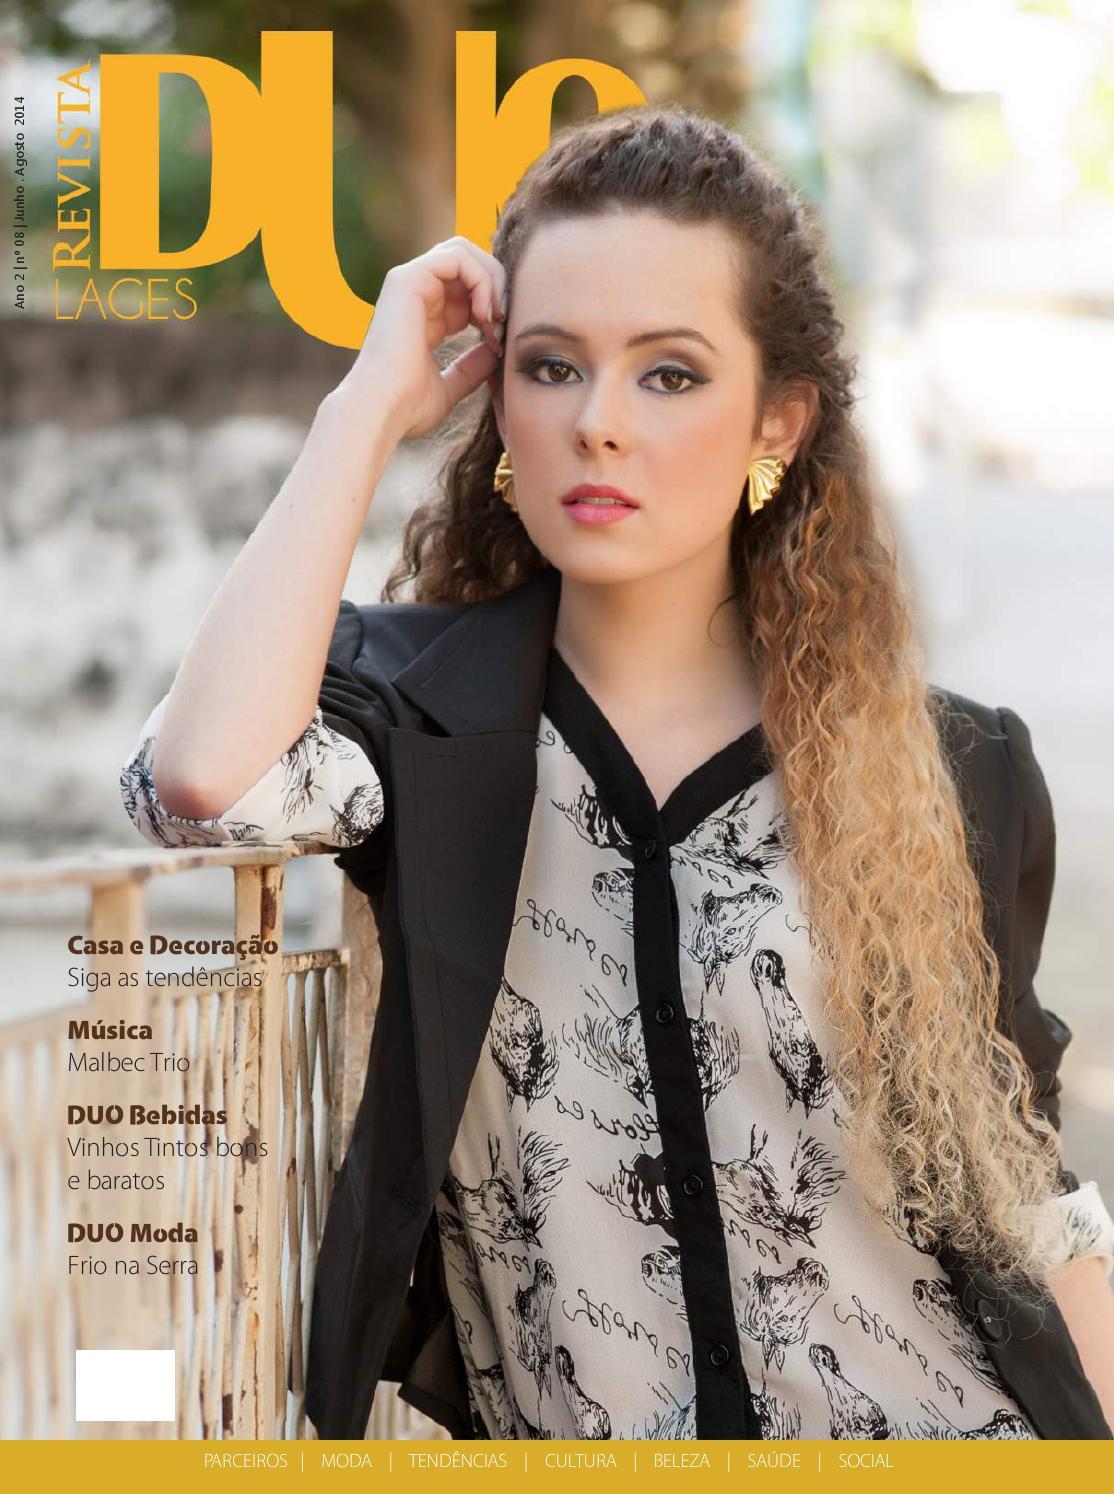 Revista duo lages 08 by Revista DUO - issuu 88cd1bd23de2e